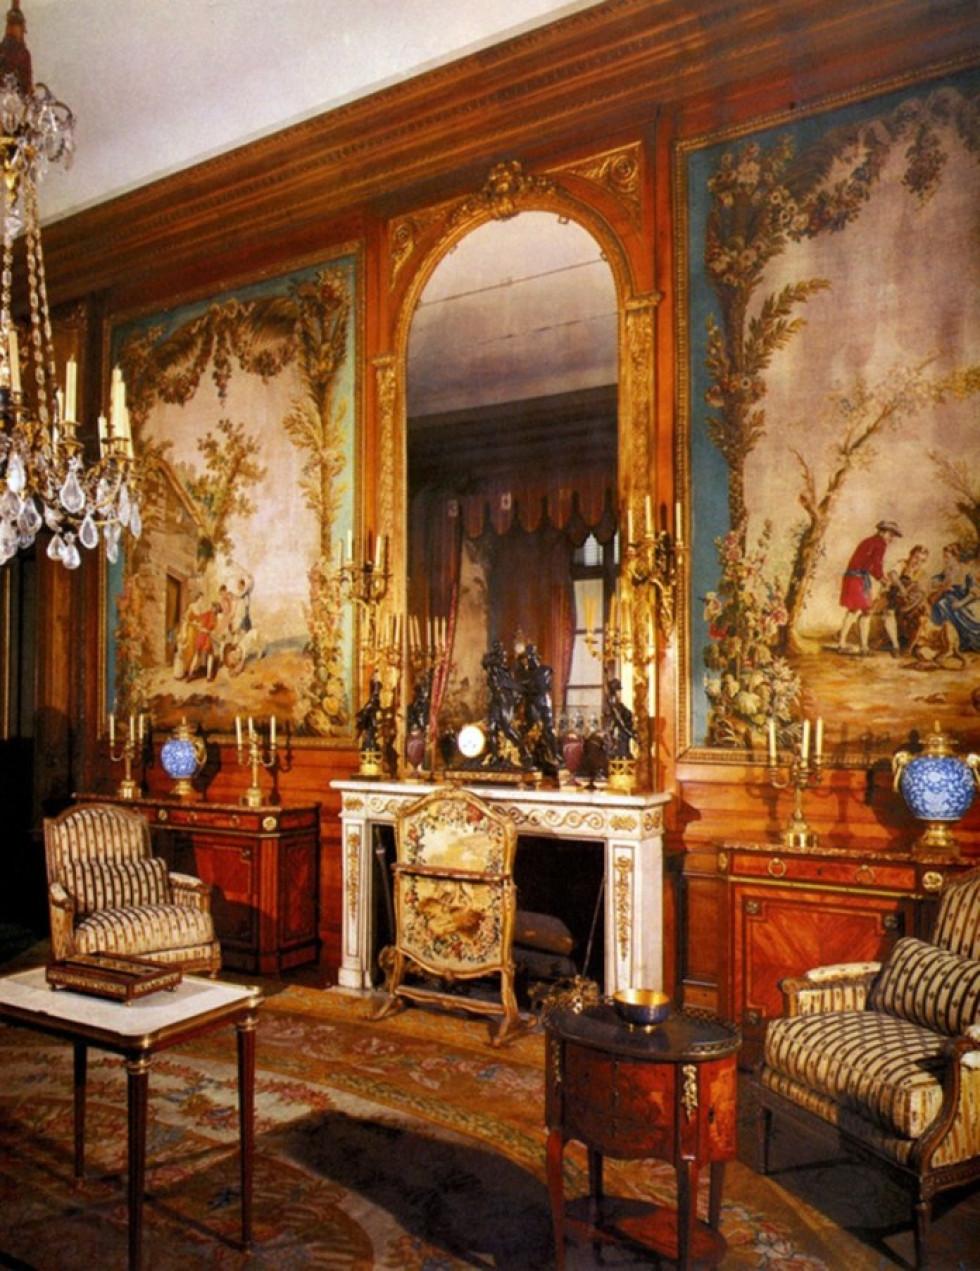 Інтер'єр в стилі Людовика XVІ. bersoantik.com